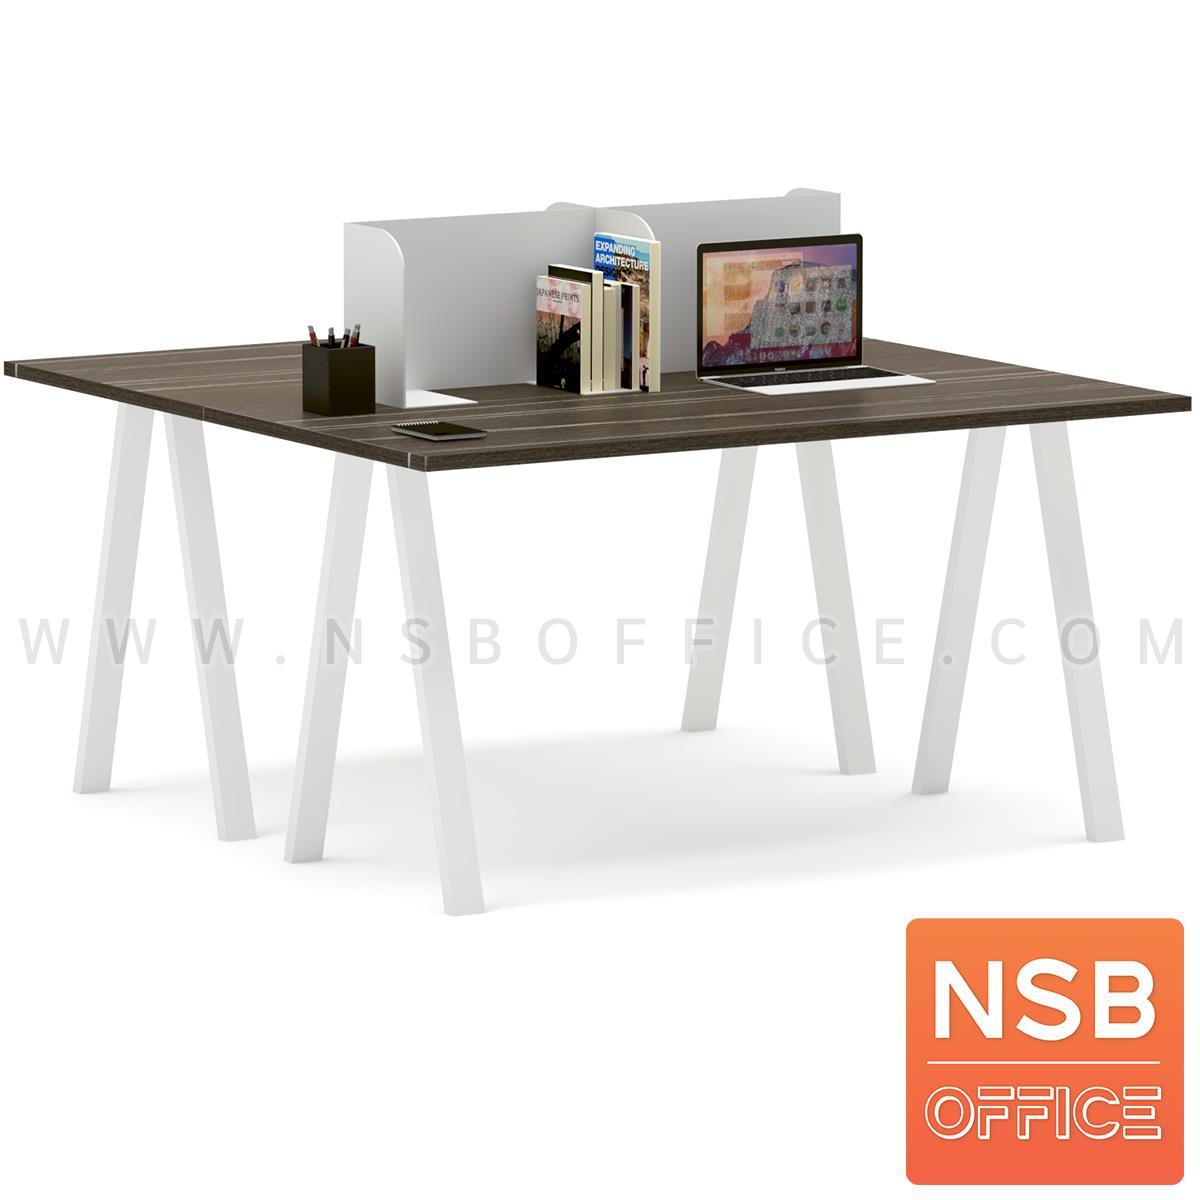 ชุดโต๊ะทำงานกลุ่ม 2 ที่นั่ง  รุ่น A-LEG ขนาด 150W cm. พร้อมมินิสกรีนเหล็ก